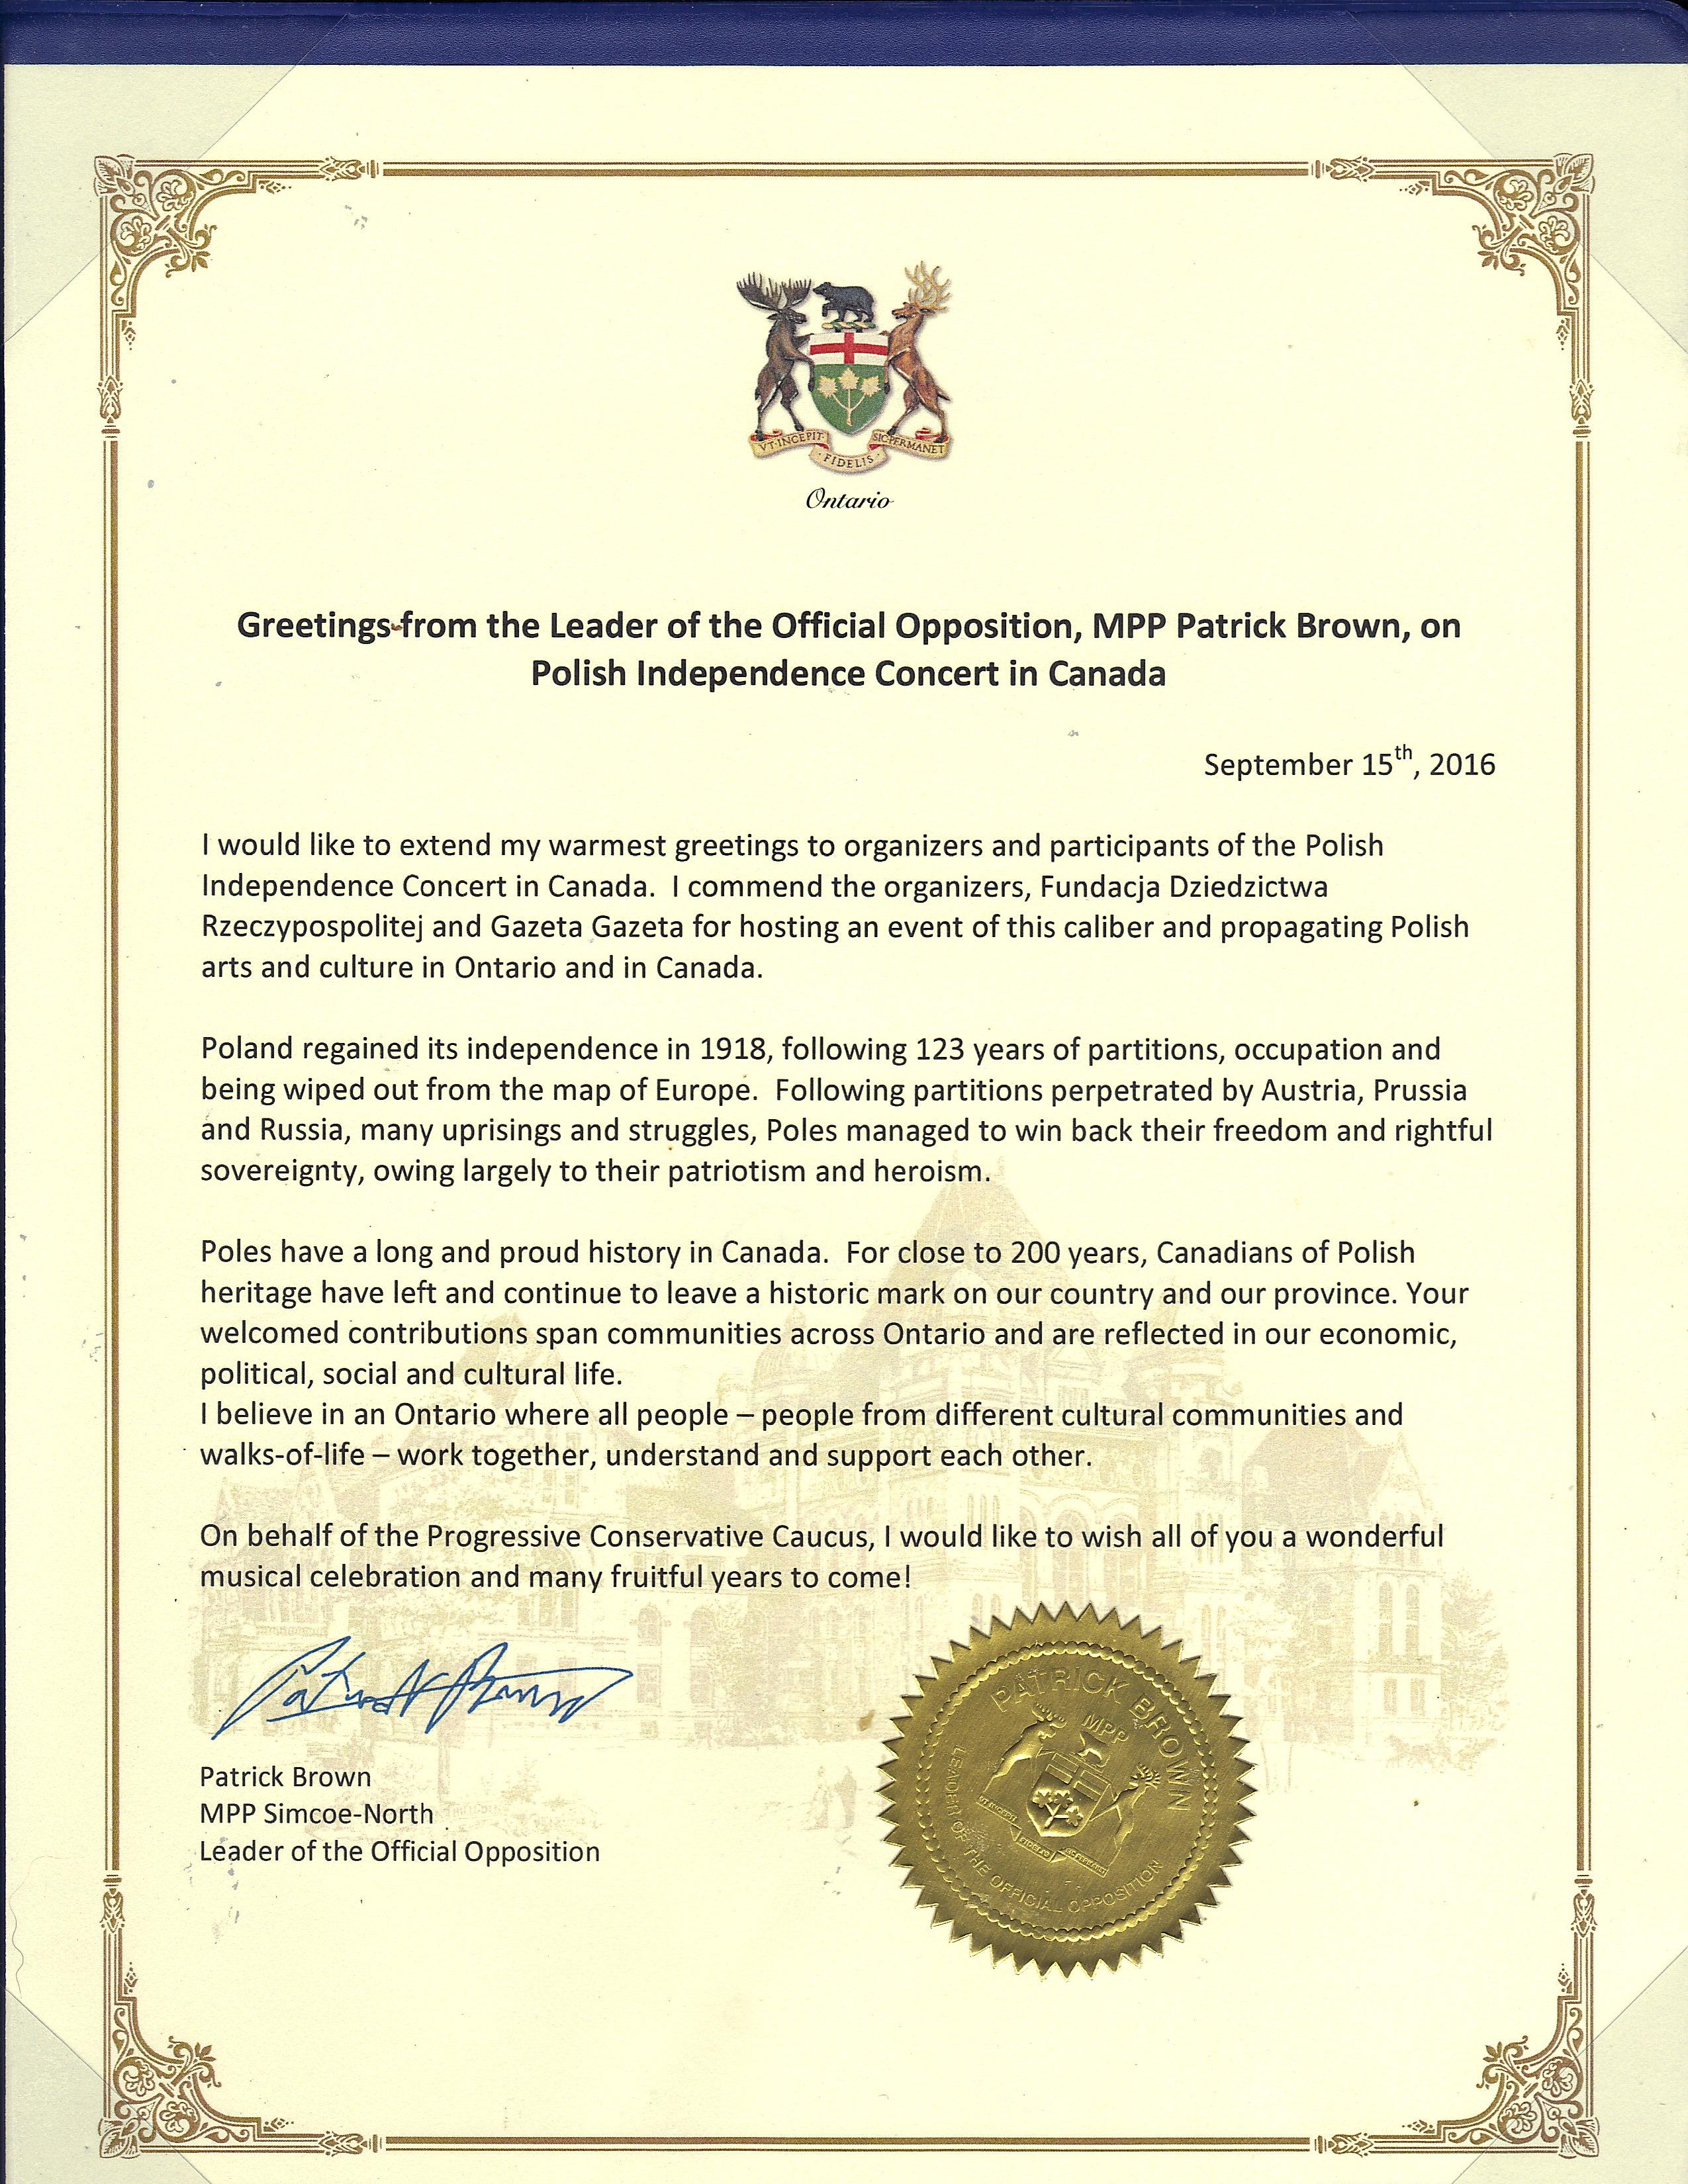 List kanadyjskiego parlamentarzysty Patryka Browna, lidera opozycji Ontario